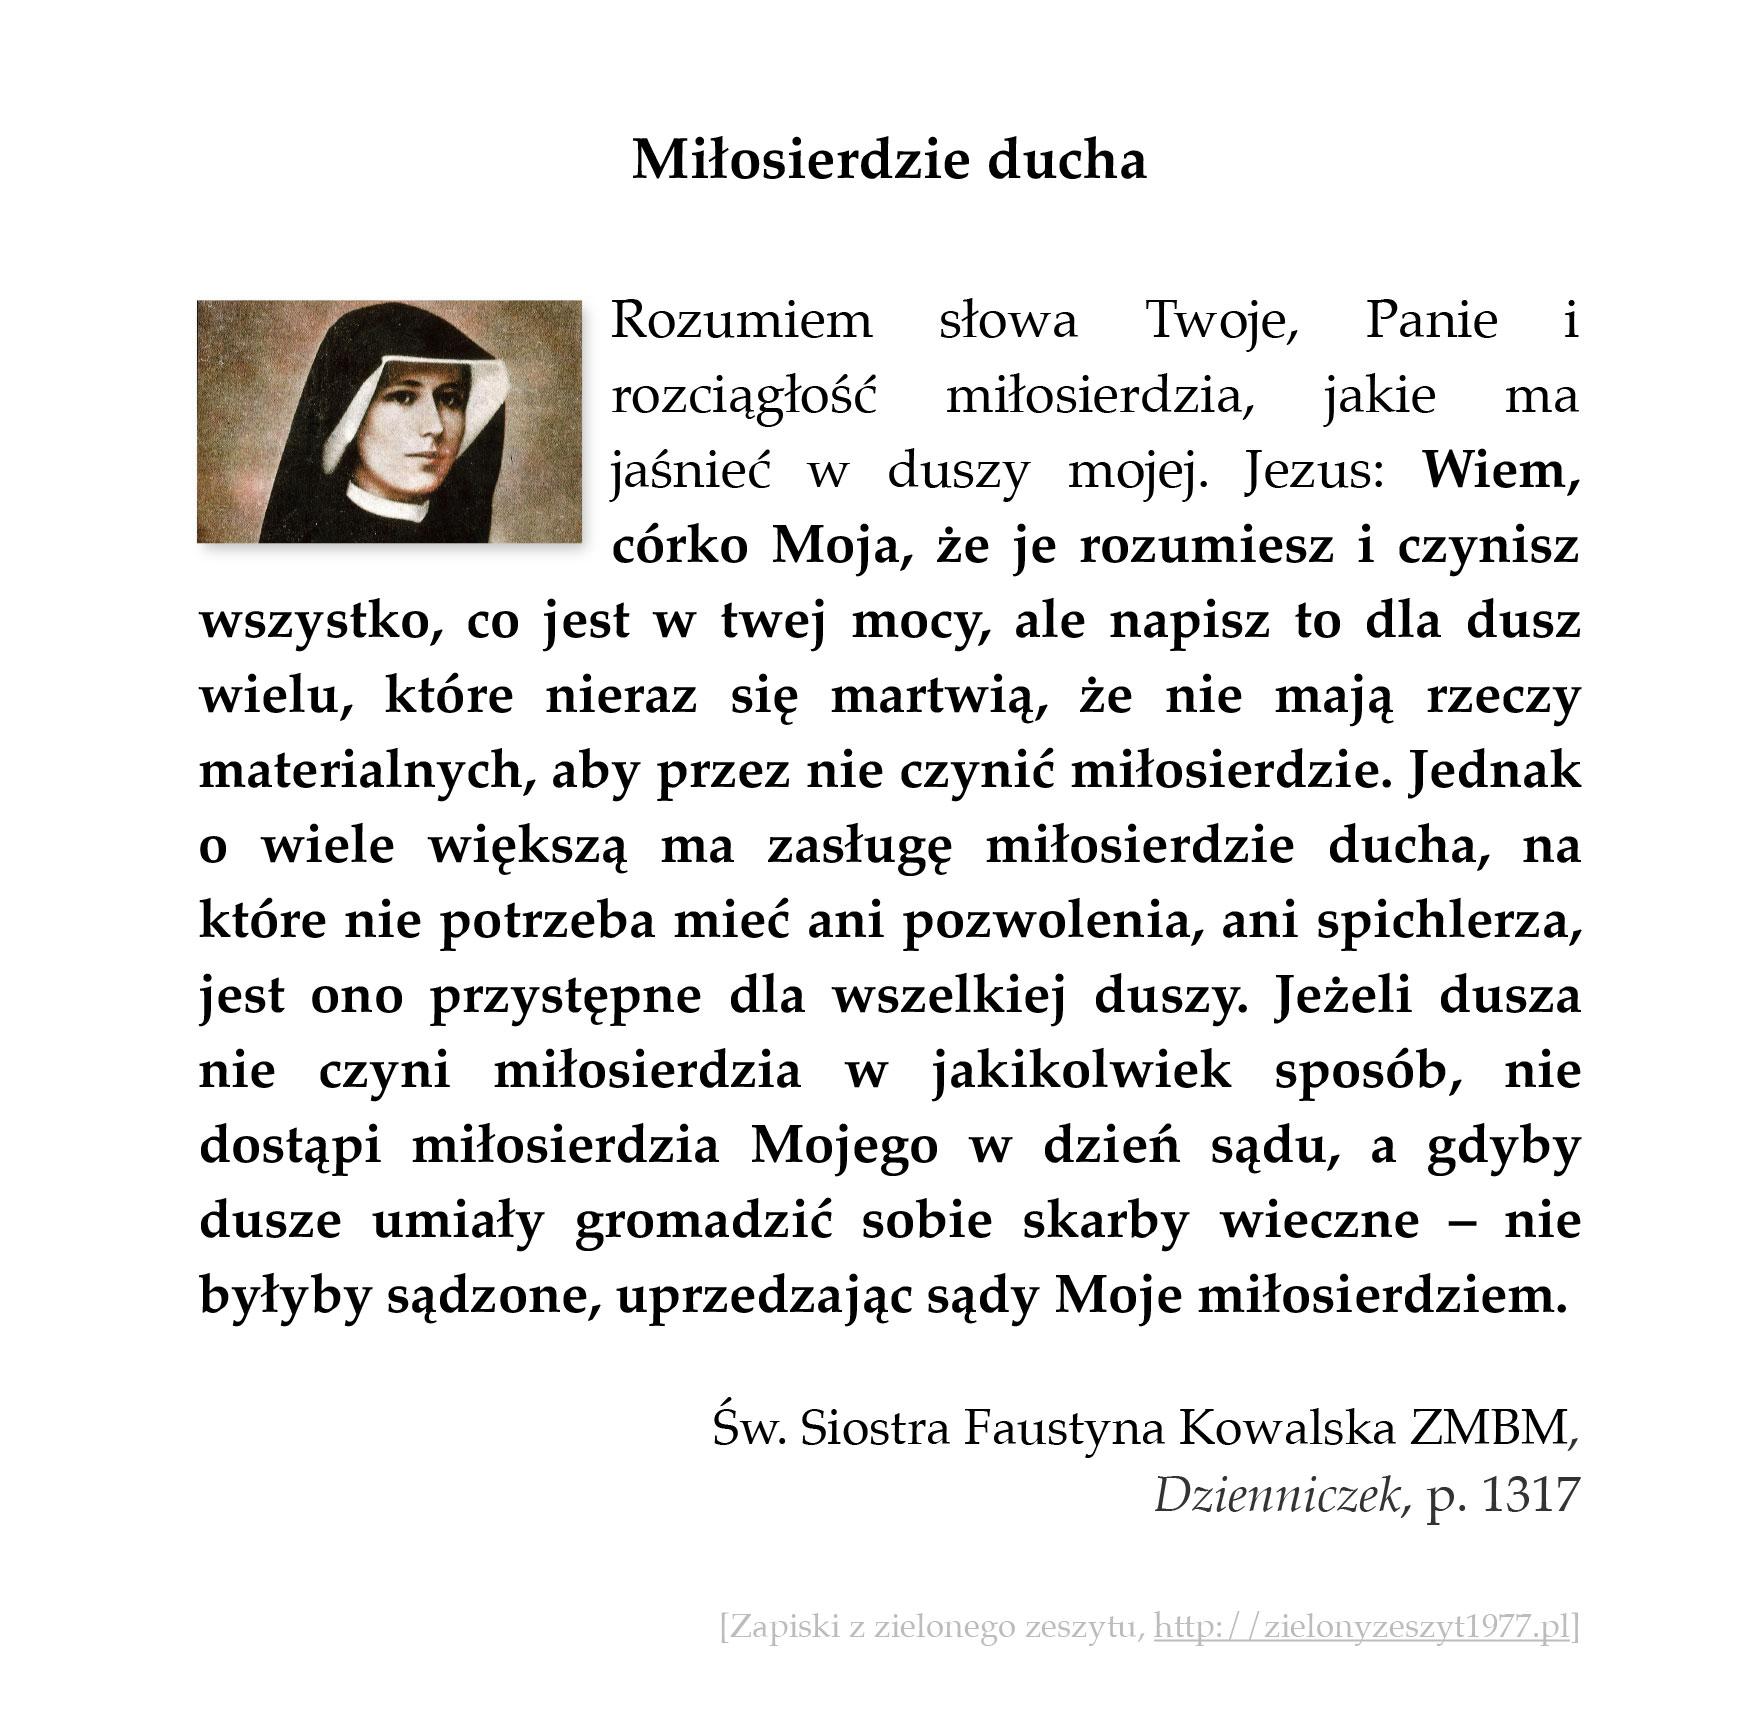 Miłosierdzie ducha, św. Faustyna Kowalska